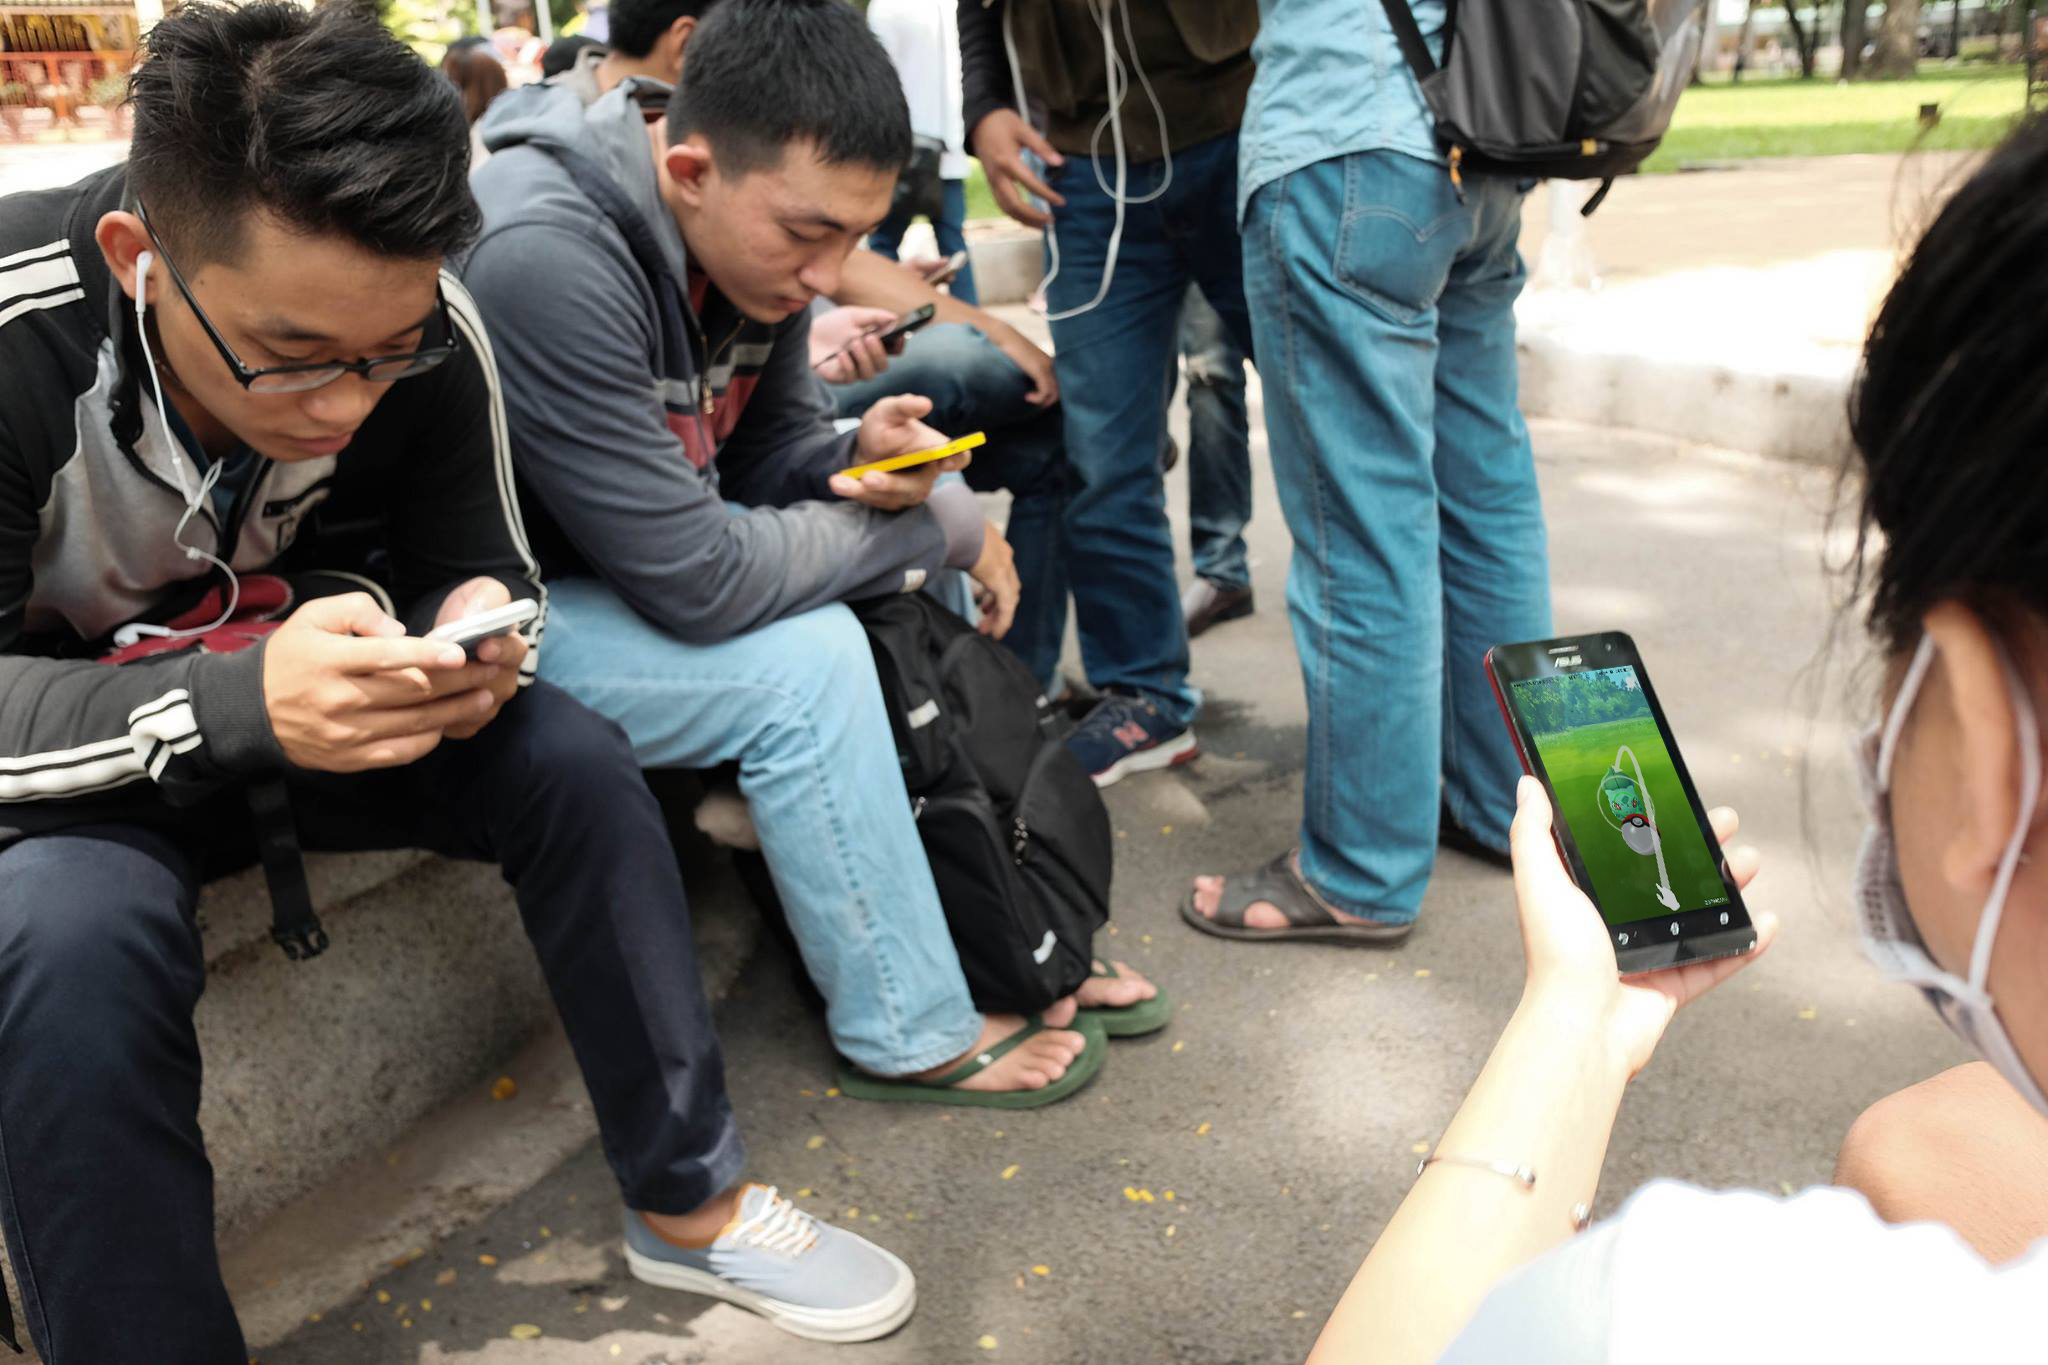 Các bạn trẻ đang say sưa bắt Pokemon trước cổng đền thờ các Vua Hùng tại công viên Tao Đàn, Sài Gòn. (Ảnh: Phạm Việt Minh Anh)